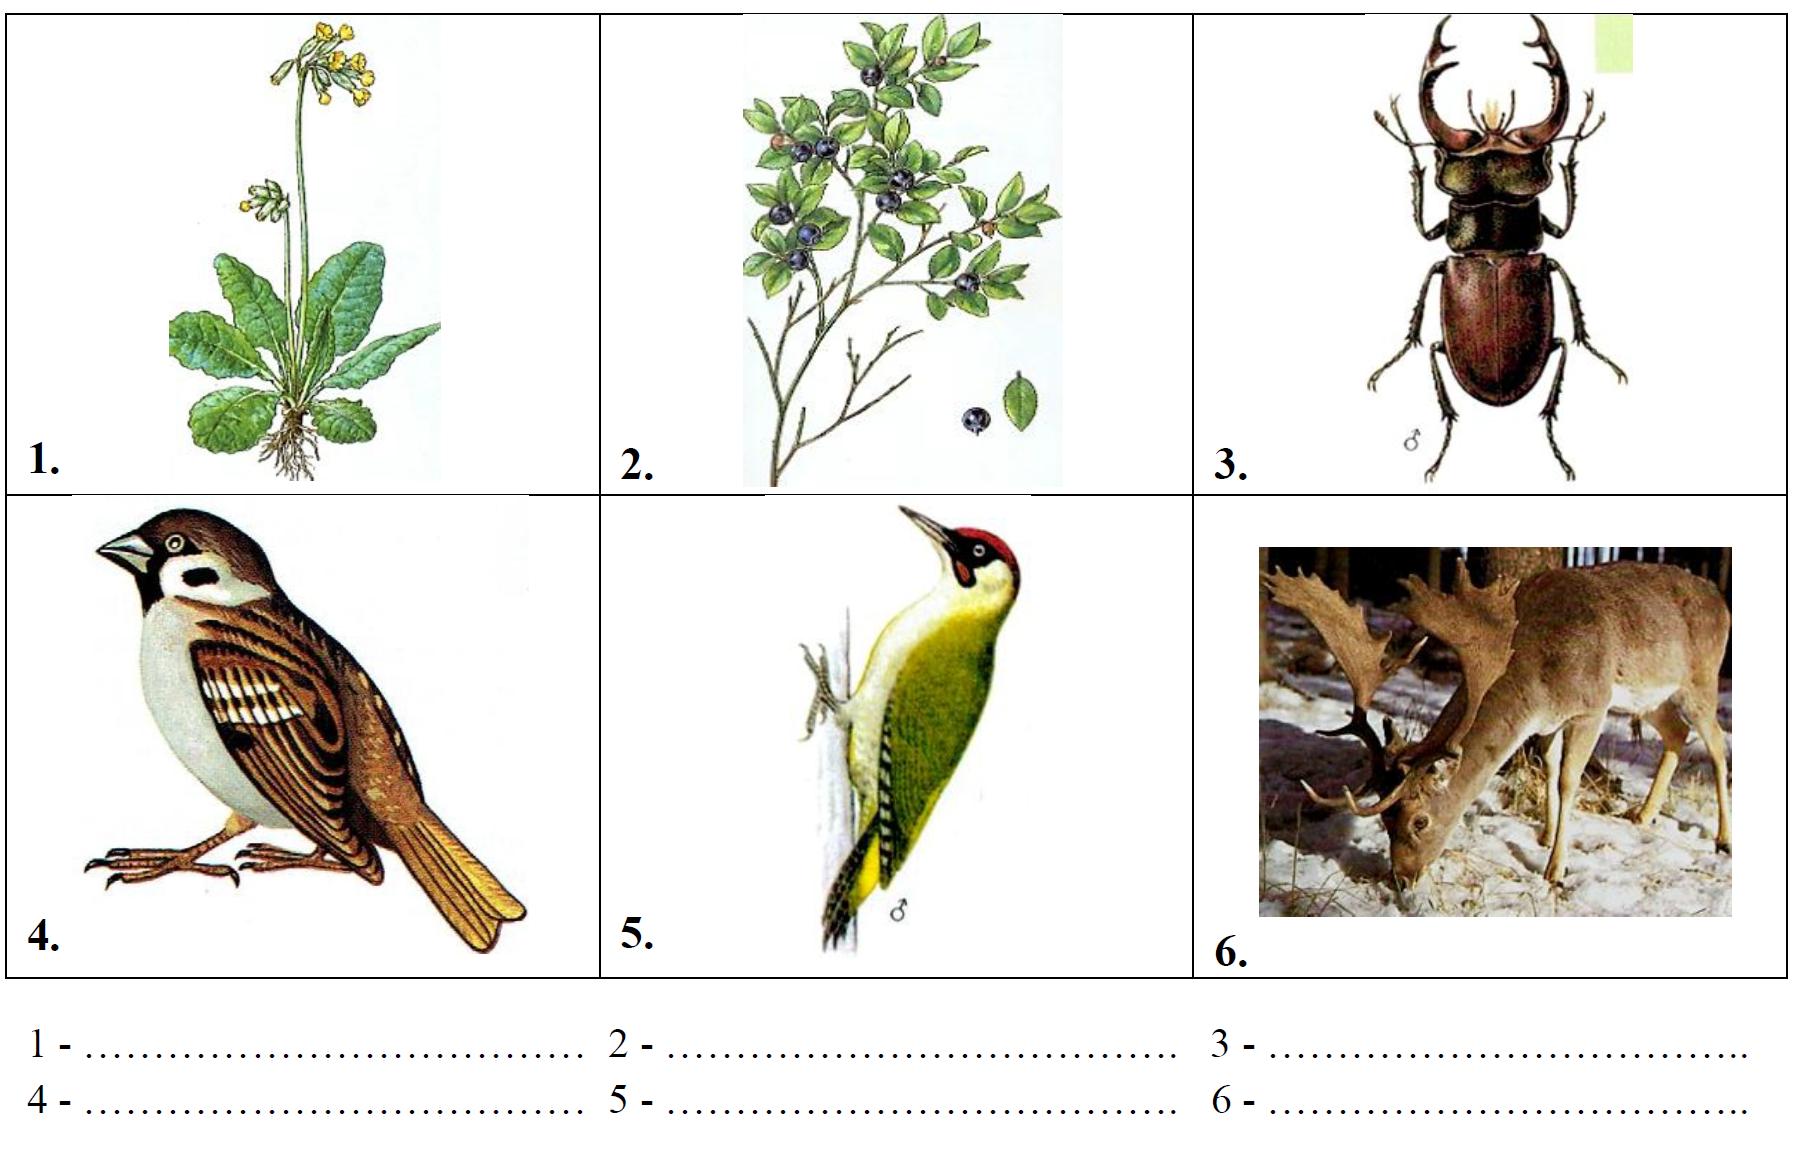 Rozpoznawanie gatunków roślin i zwierząt.